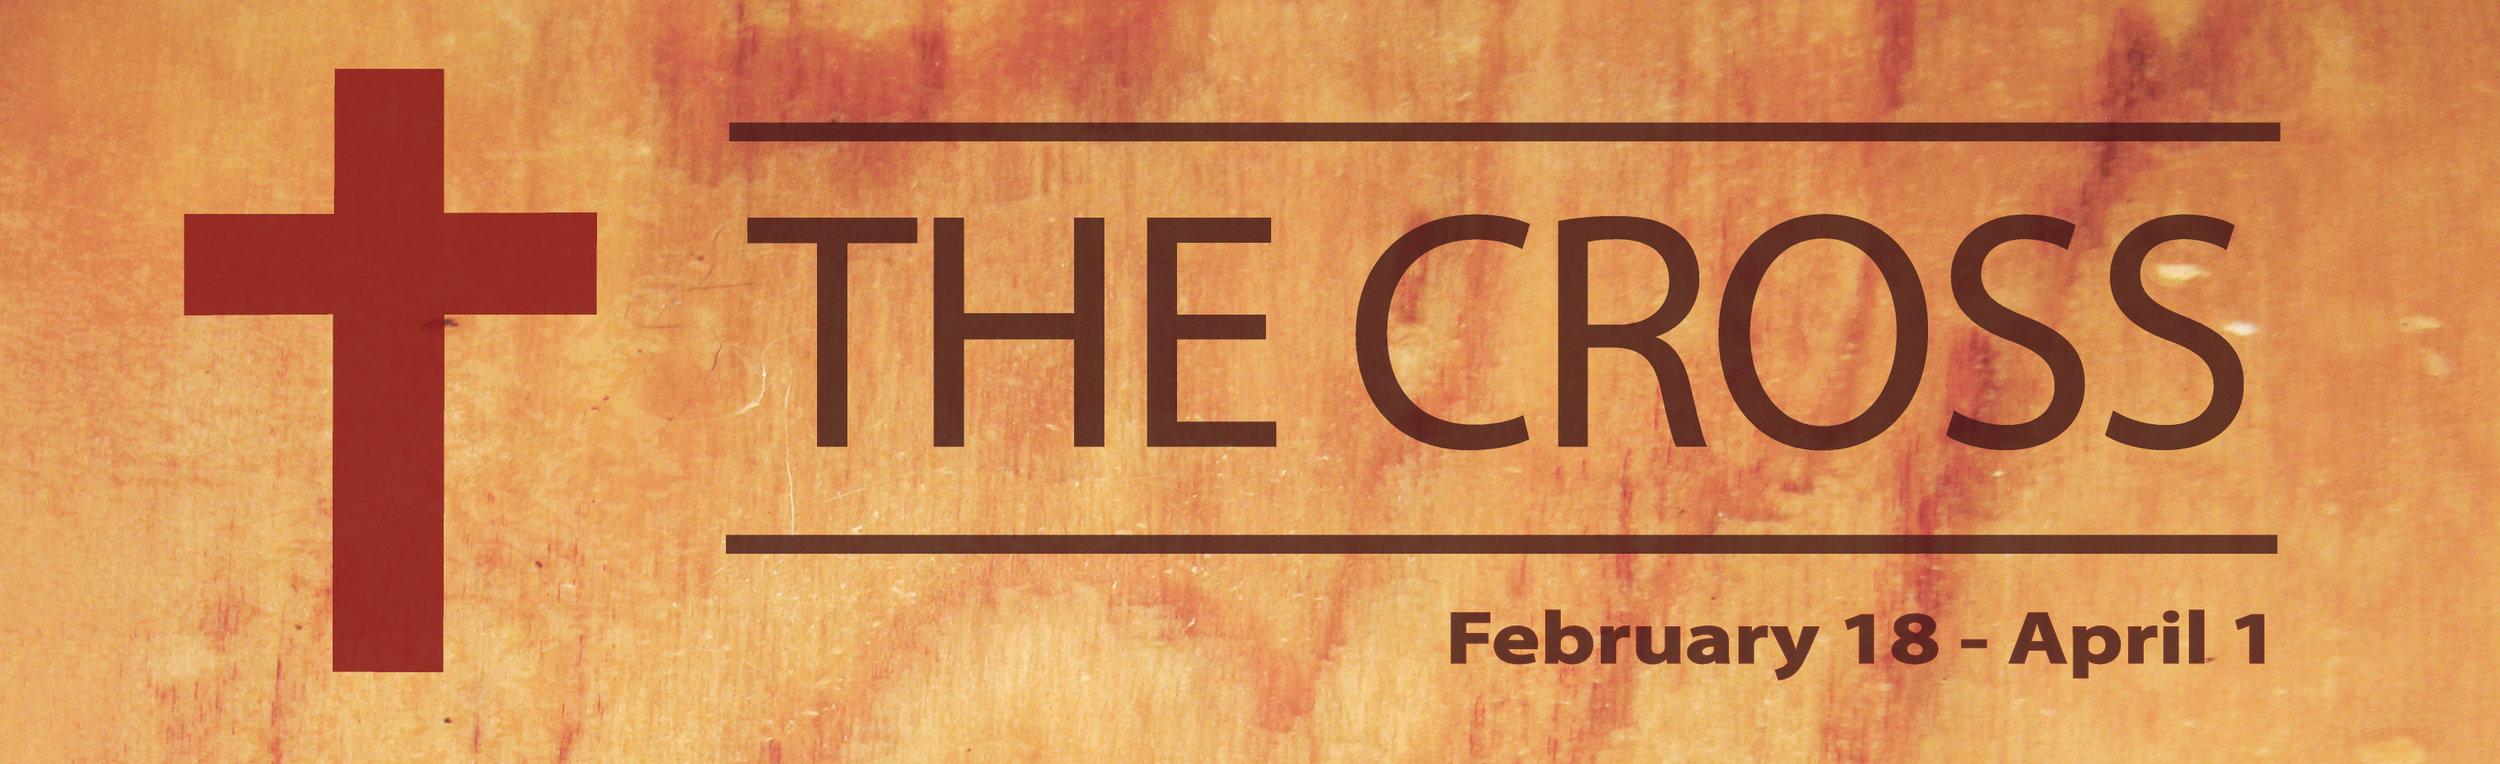 The-Cross_web-banner.jpg